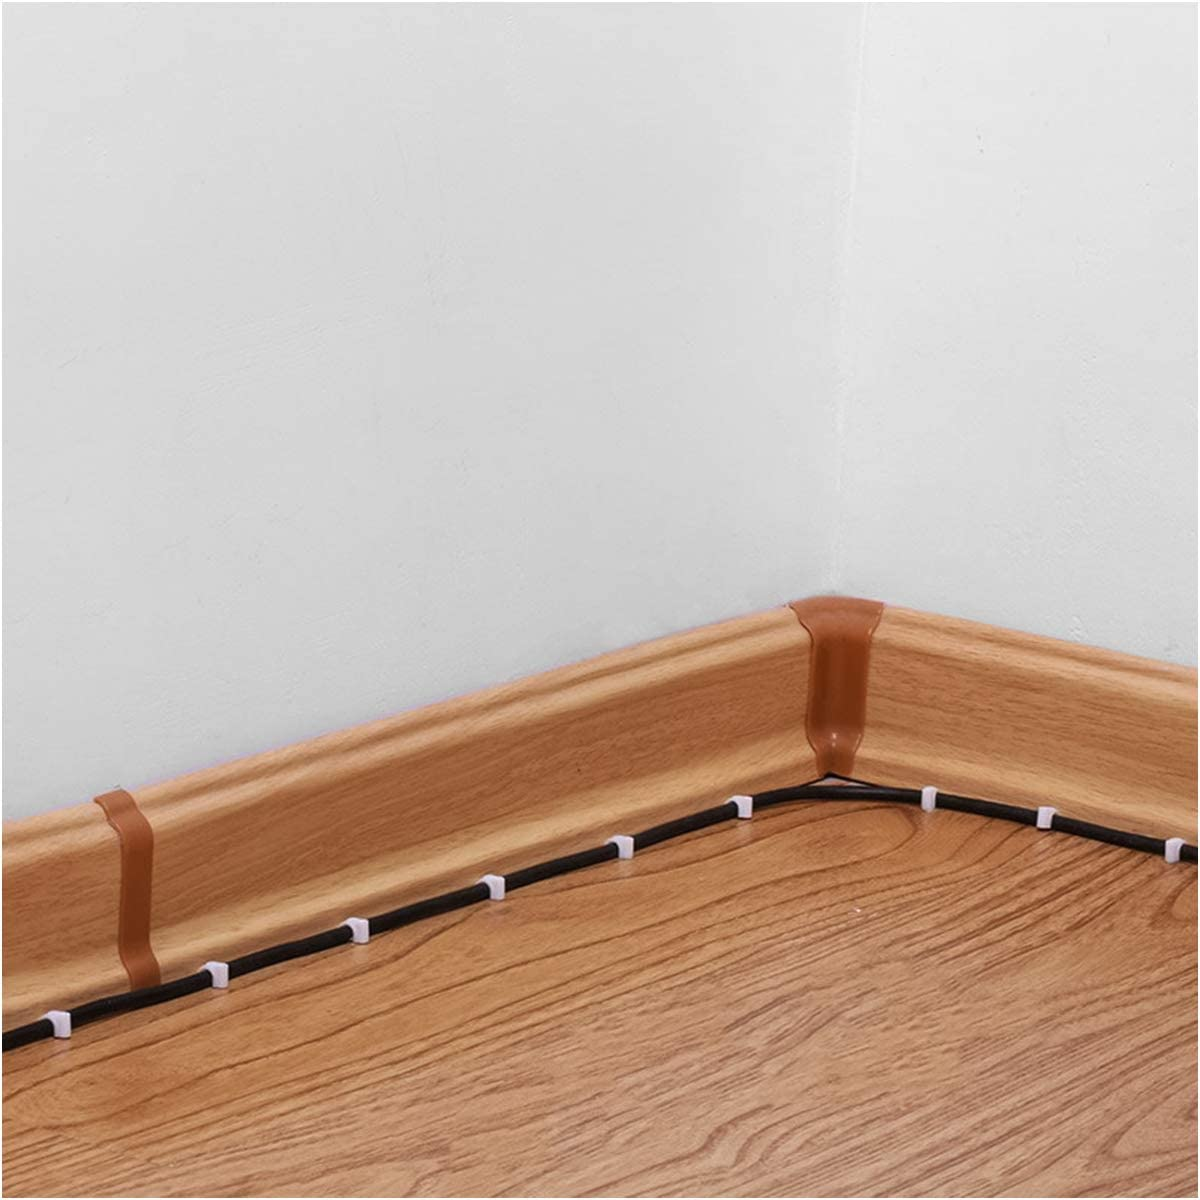 220pcs Abrazadera para Cable Accesorios de Cocina El Hogar Clips de Alambre Cable para Oficina Clip Del Cable El/éctrico Blancos con Clavos 8 mm y 10 mm Grapas para Cables Redondos